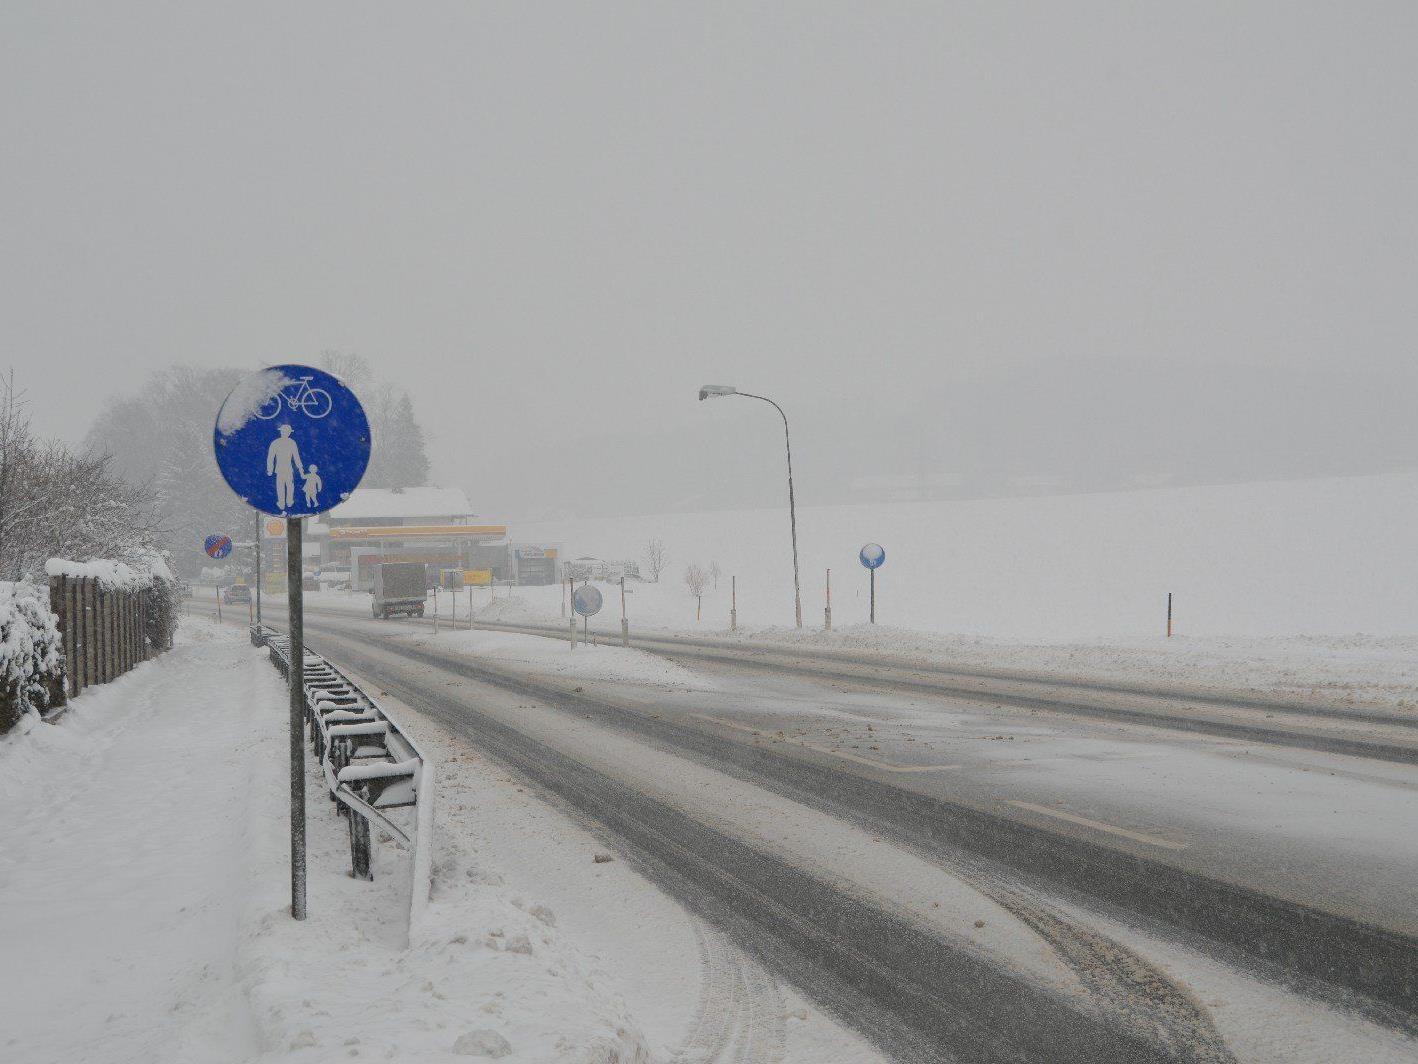 Die winterlichen Straßenverhältnisse sorgten für zahlreiche Unfälle.